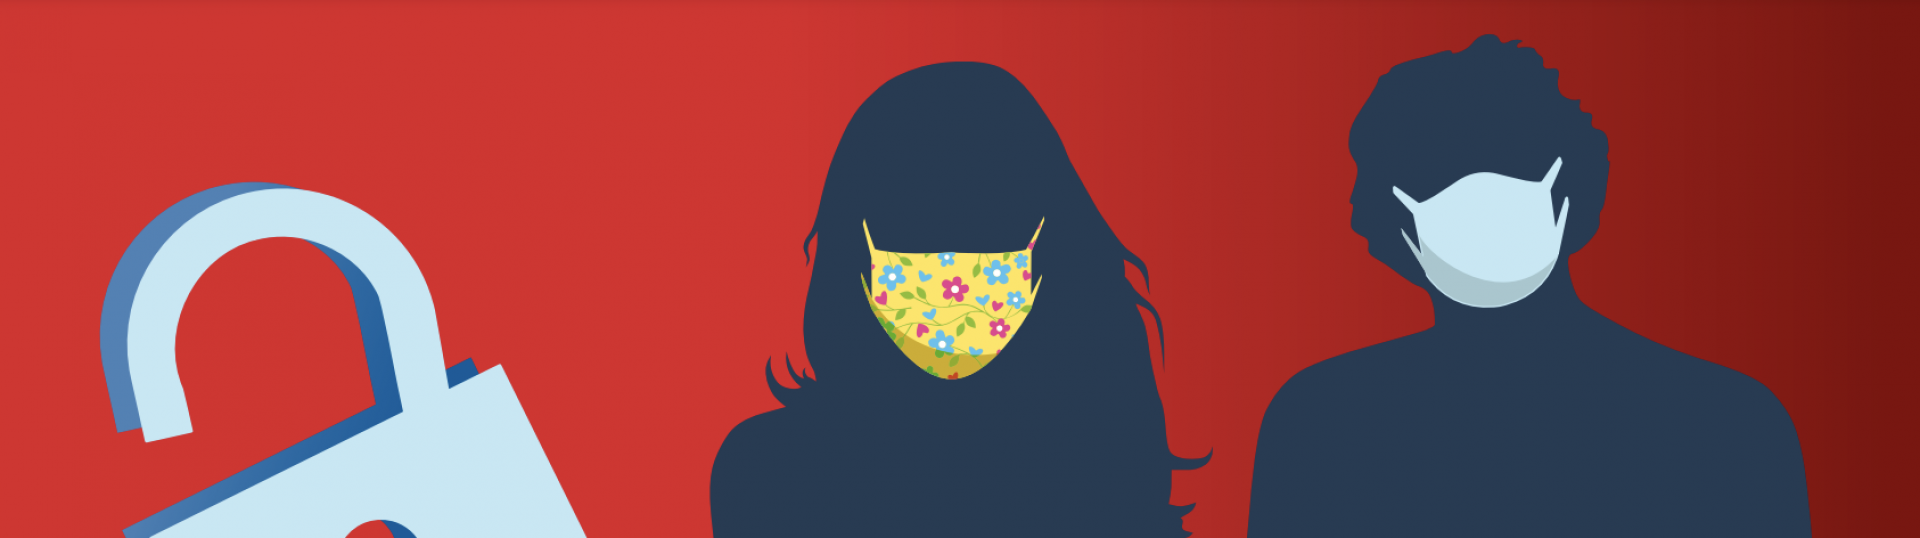 Koronavírus és válságkezelés: A magyarok tapasztalatai egy év után